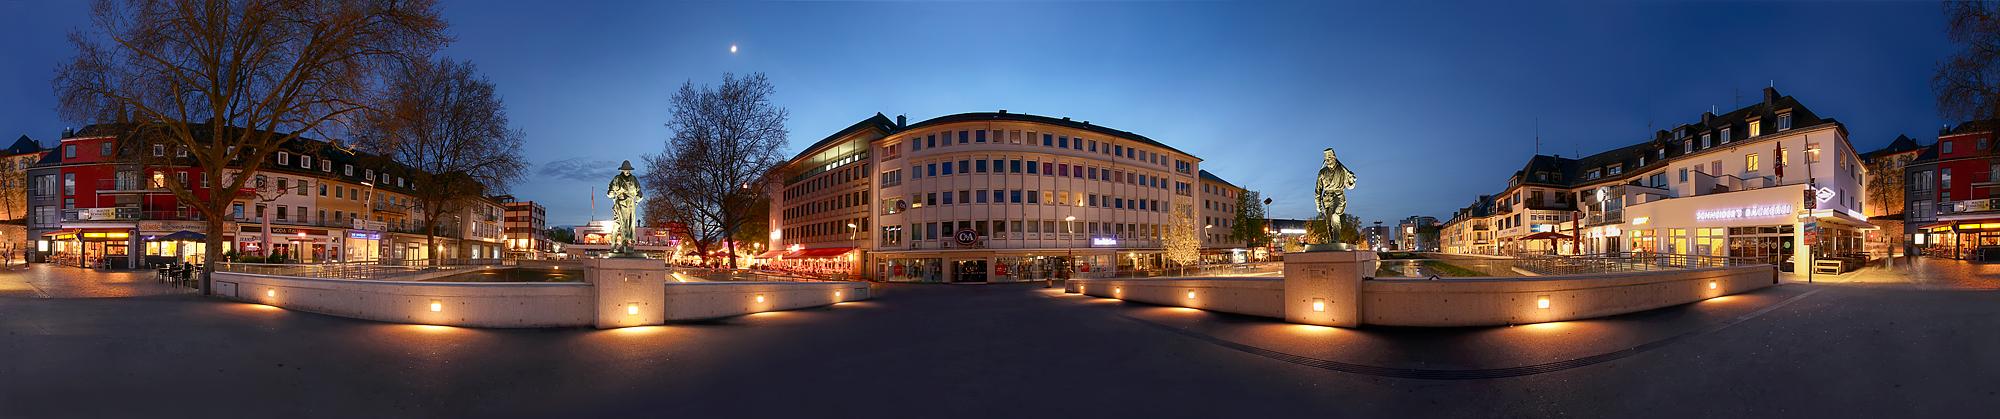 Siegen panorama foto bild architektur deutschland versteckt bilder auf fotocommunity - Architektur siegen ...